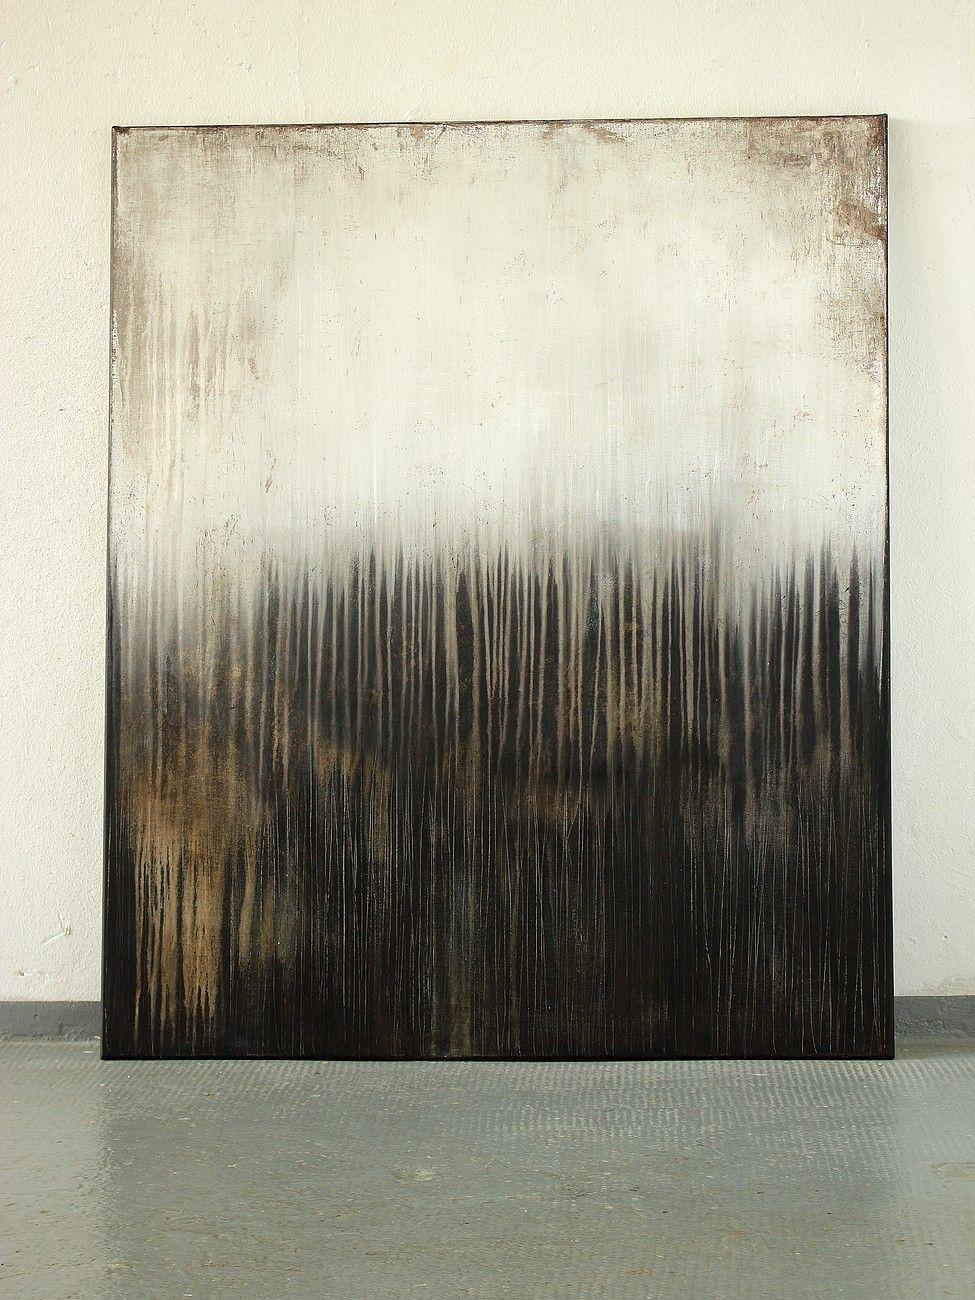 Abstrakte Bilder Auf Leinwand 201 6 1 2 0 x 1 0 0 cm mischtechnik auf leinwand abstrakte